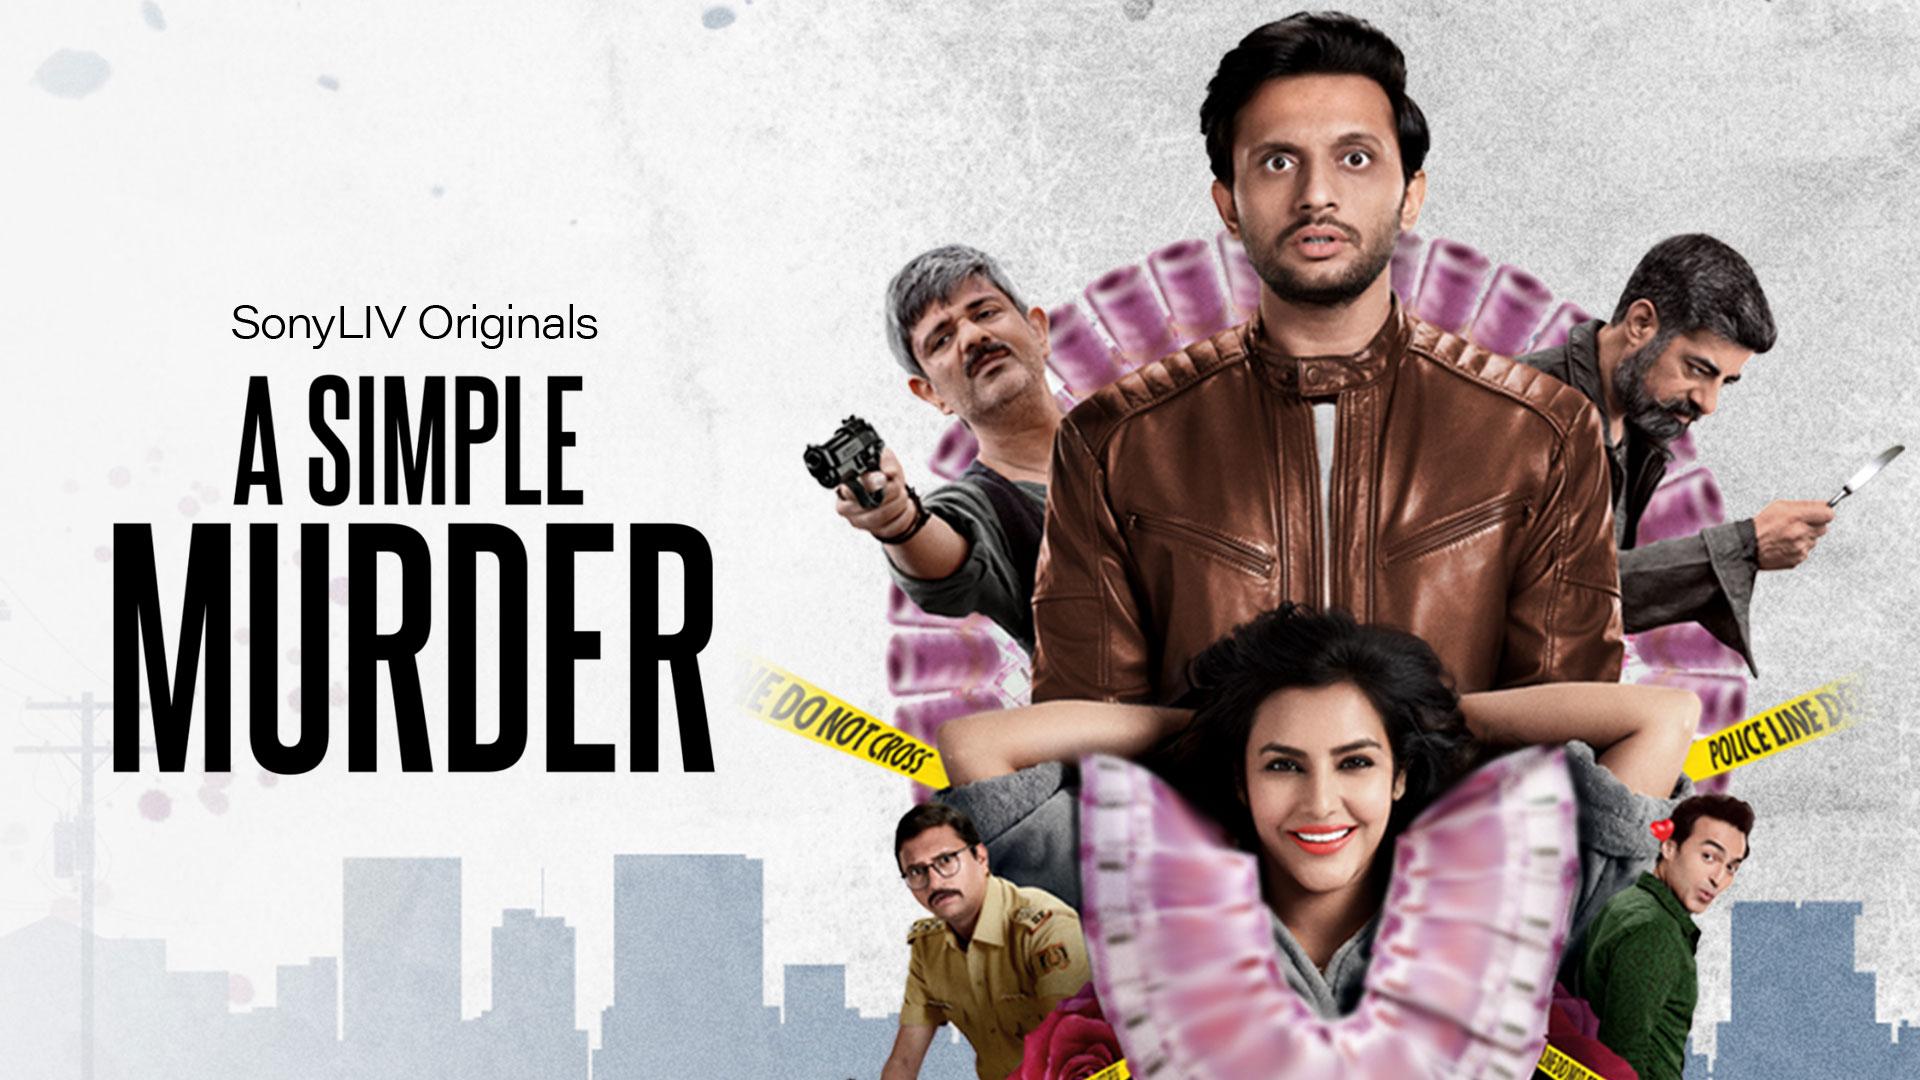 A Simple Murder - Watch Online - SonyLIV